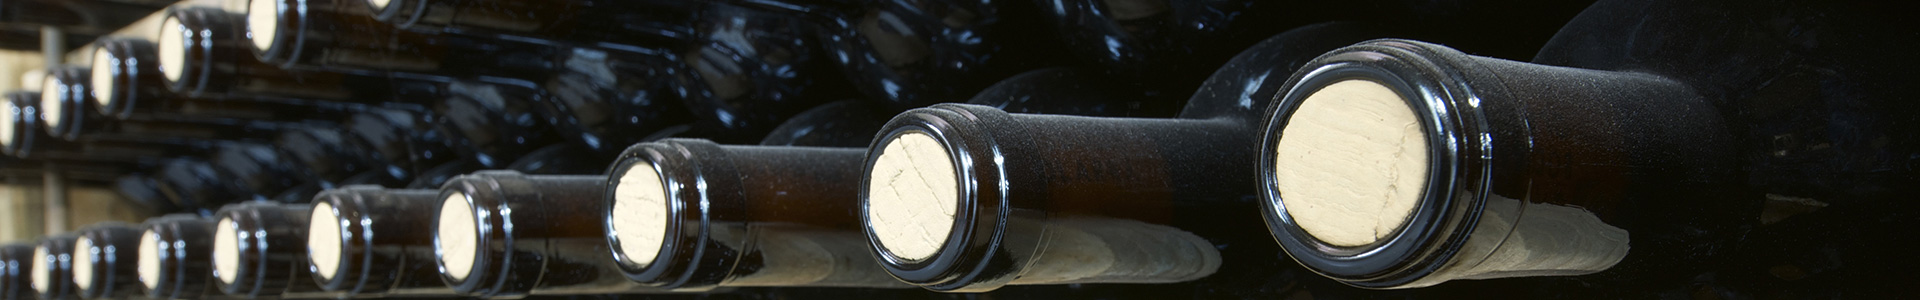 header-bottles